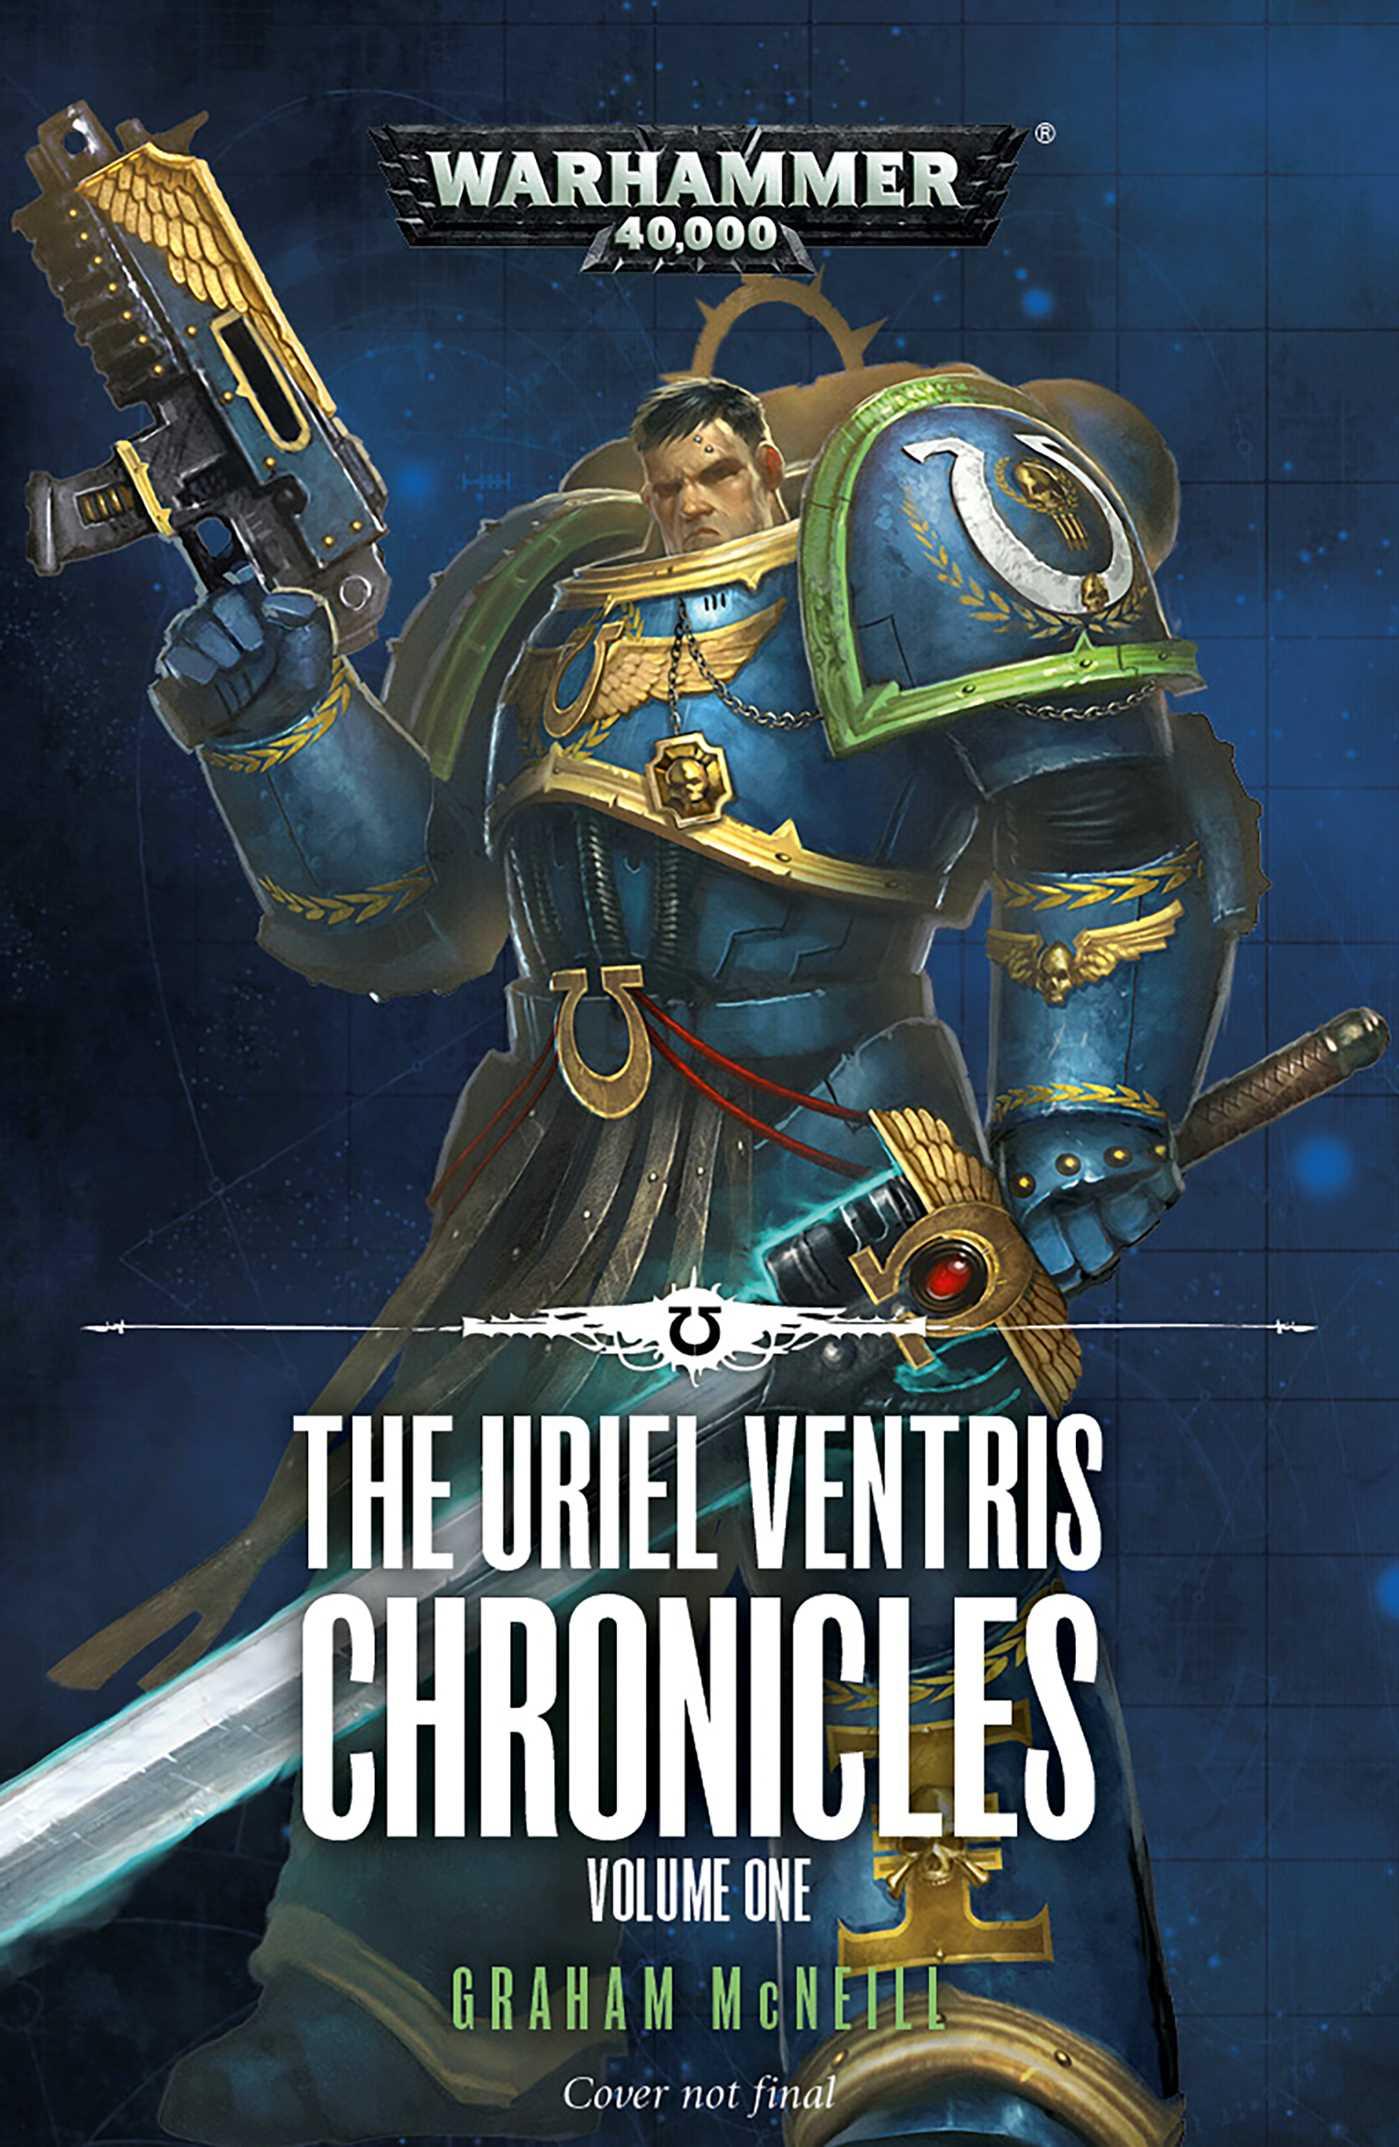 The uriel ventris chronicles 9781784968540 hr